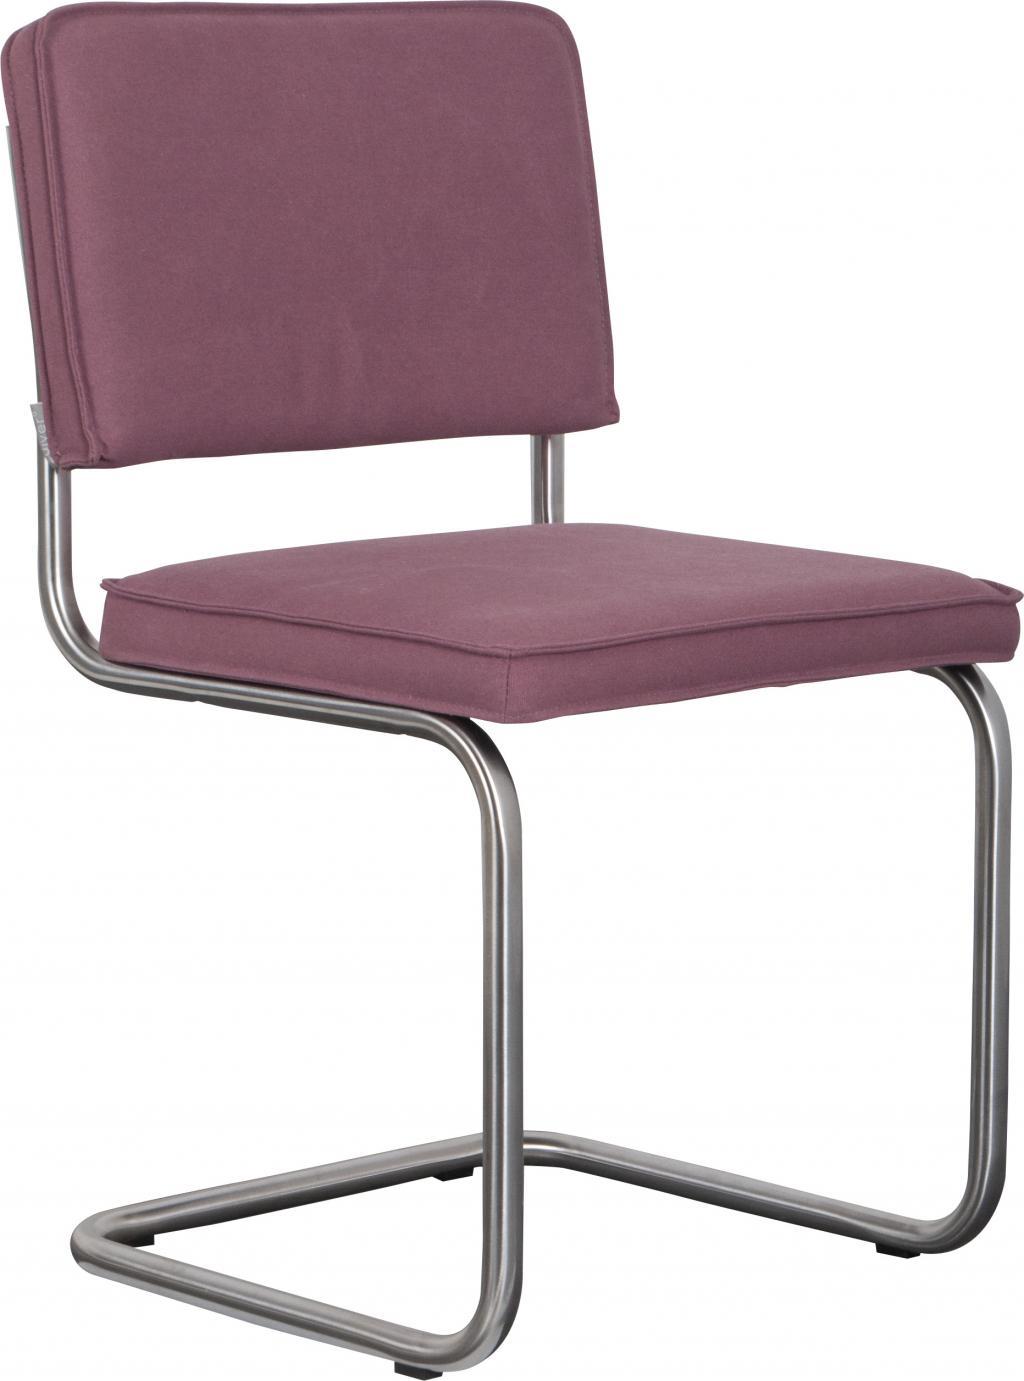 Krzesło Ridge Brushed Vintage Rose - 1100113